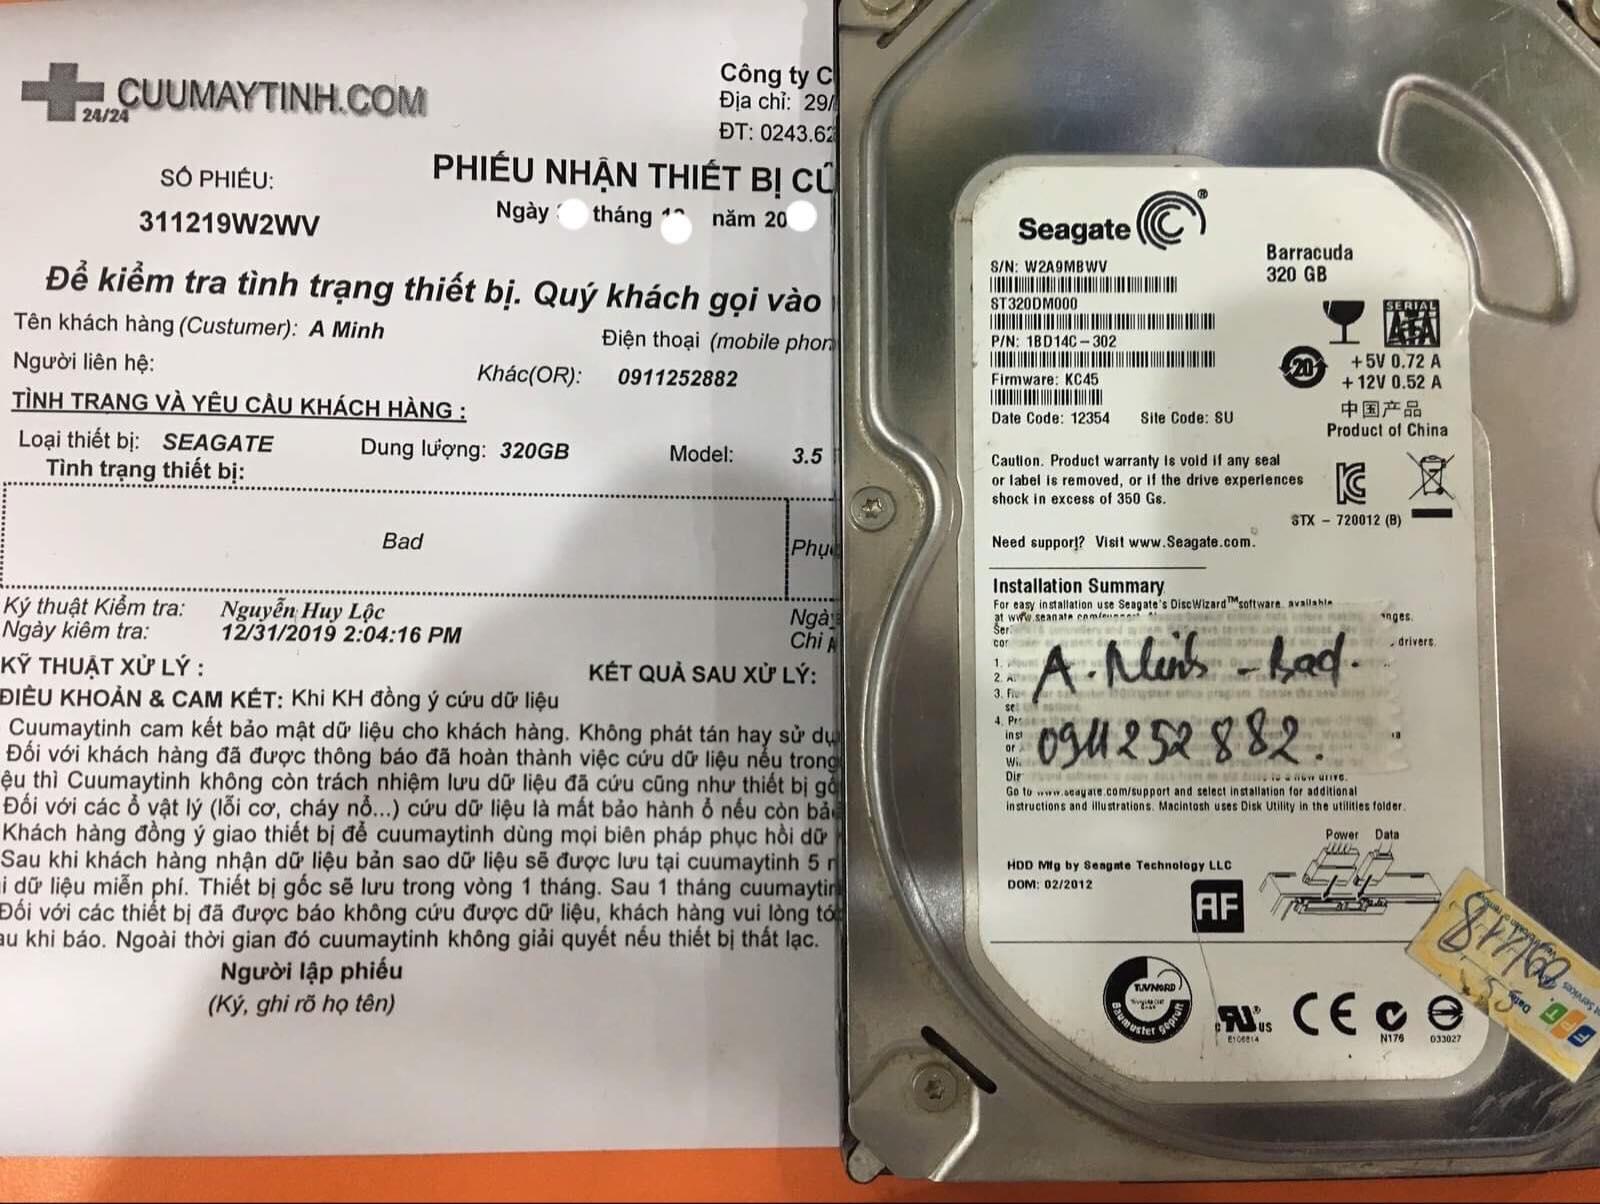 Khôi phục dữ liệu ổ cứng Seagate 320GB bad 10/01/2020 - cuumaytinh